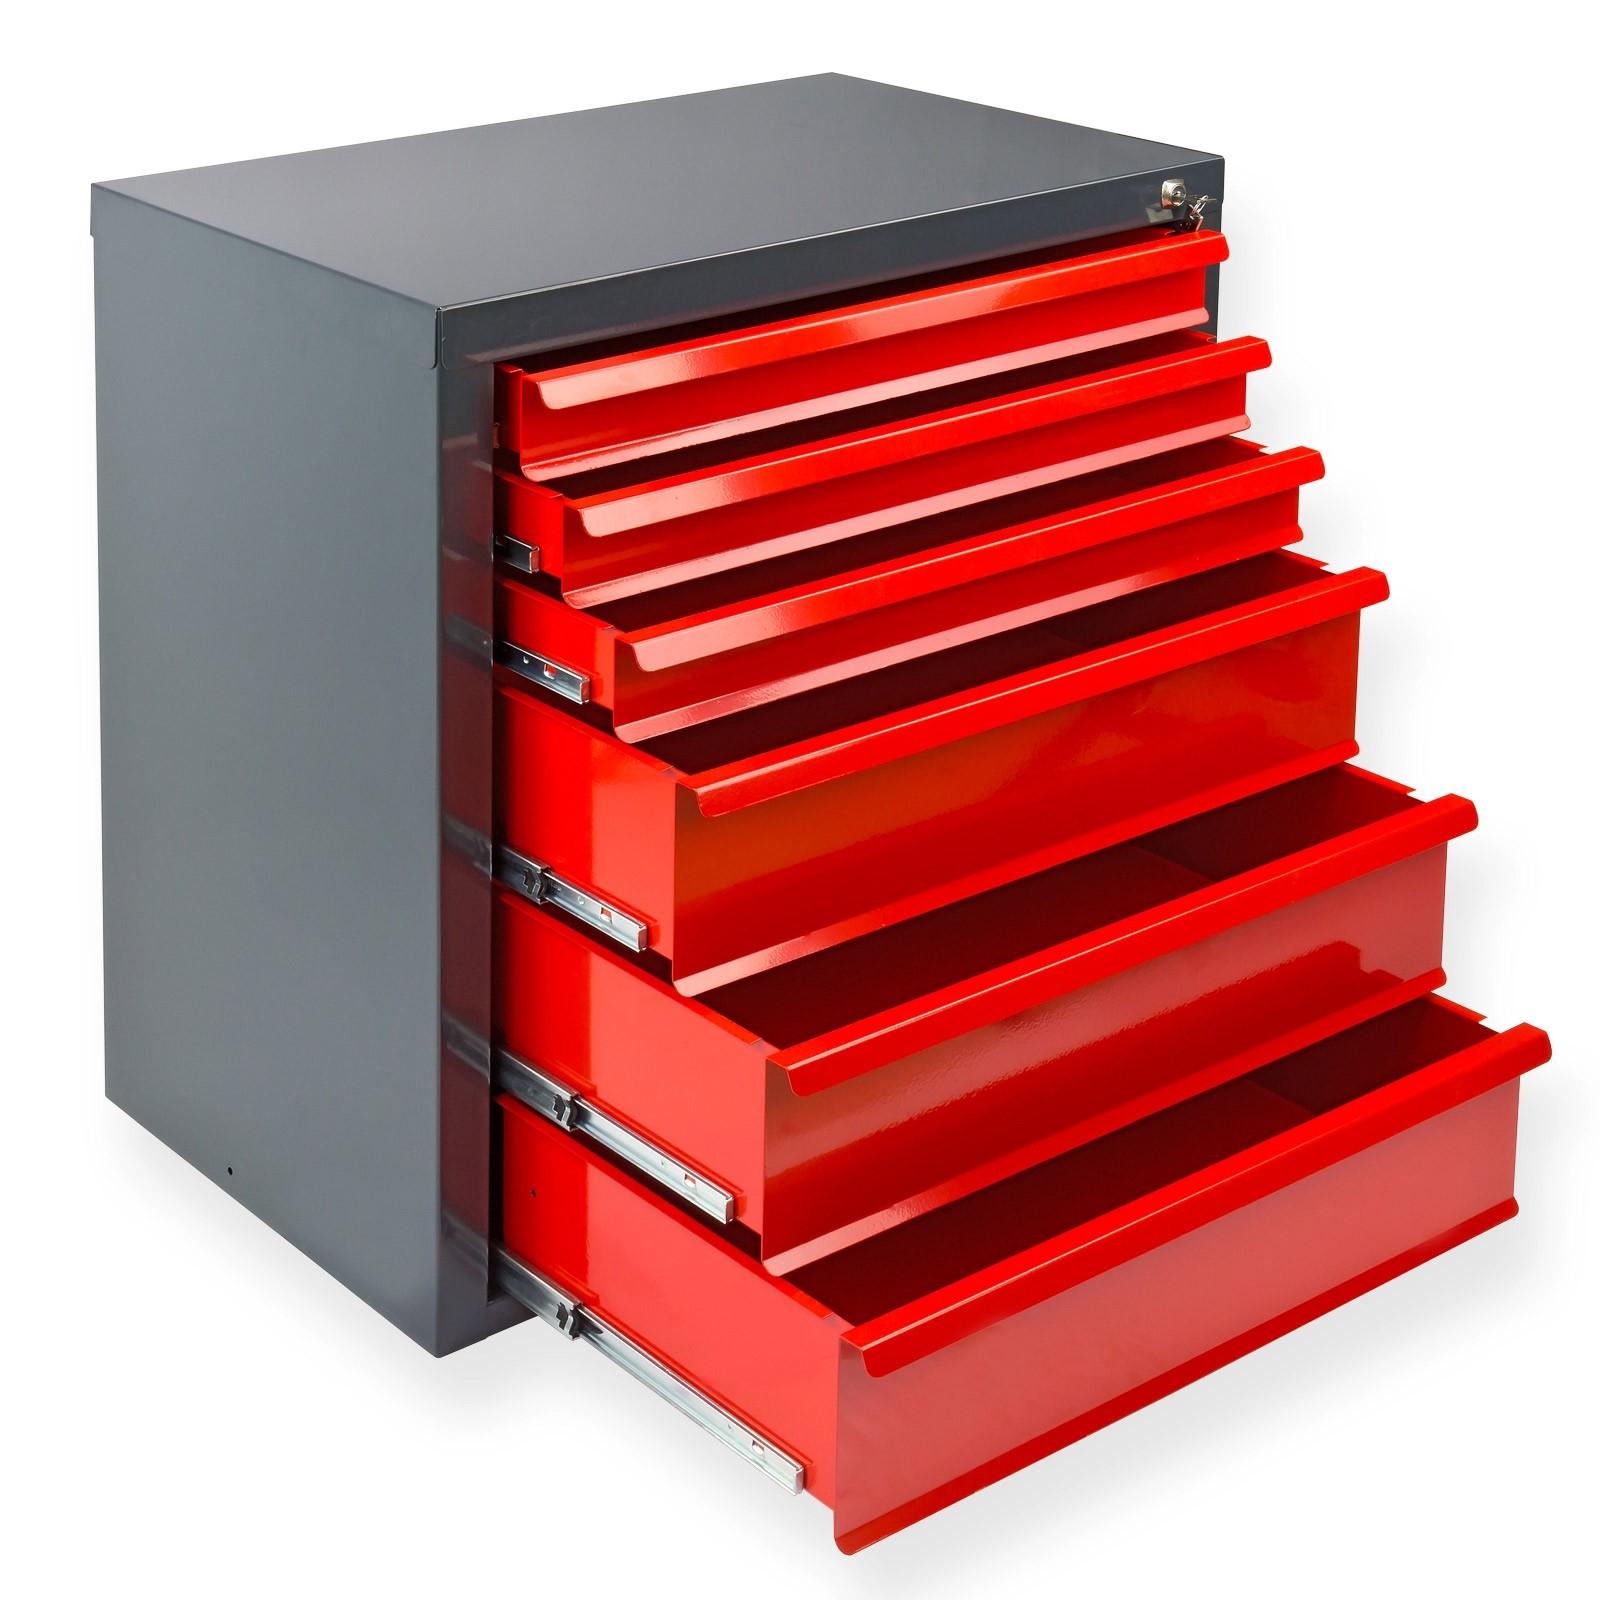 schubladenschrank metallschrank werkstattschrank fernando mit 6 schubladen ebay. Black Bedroom Furniture Sets. Home Design Ideas